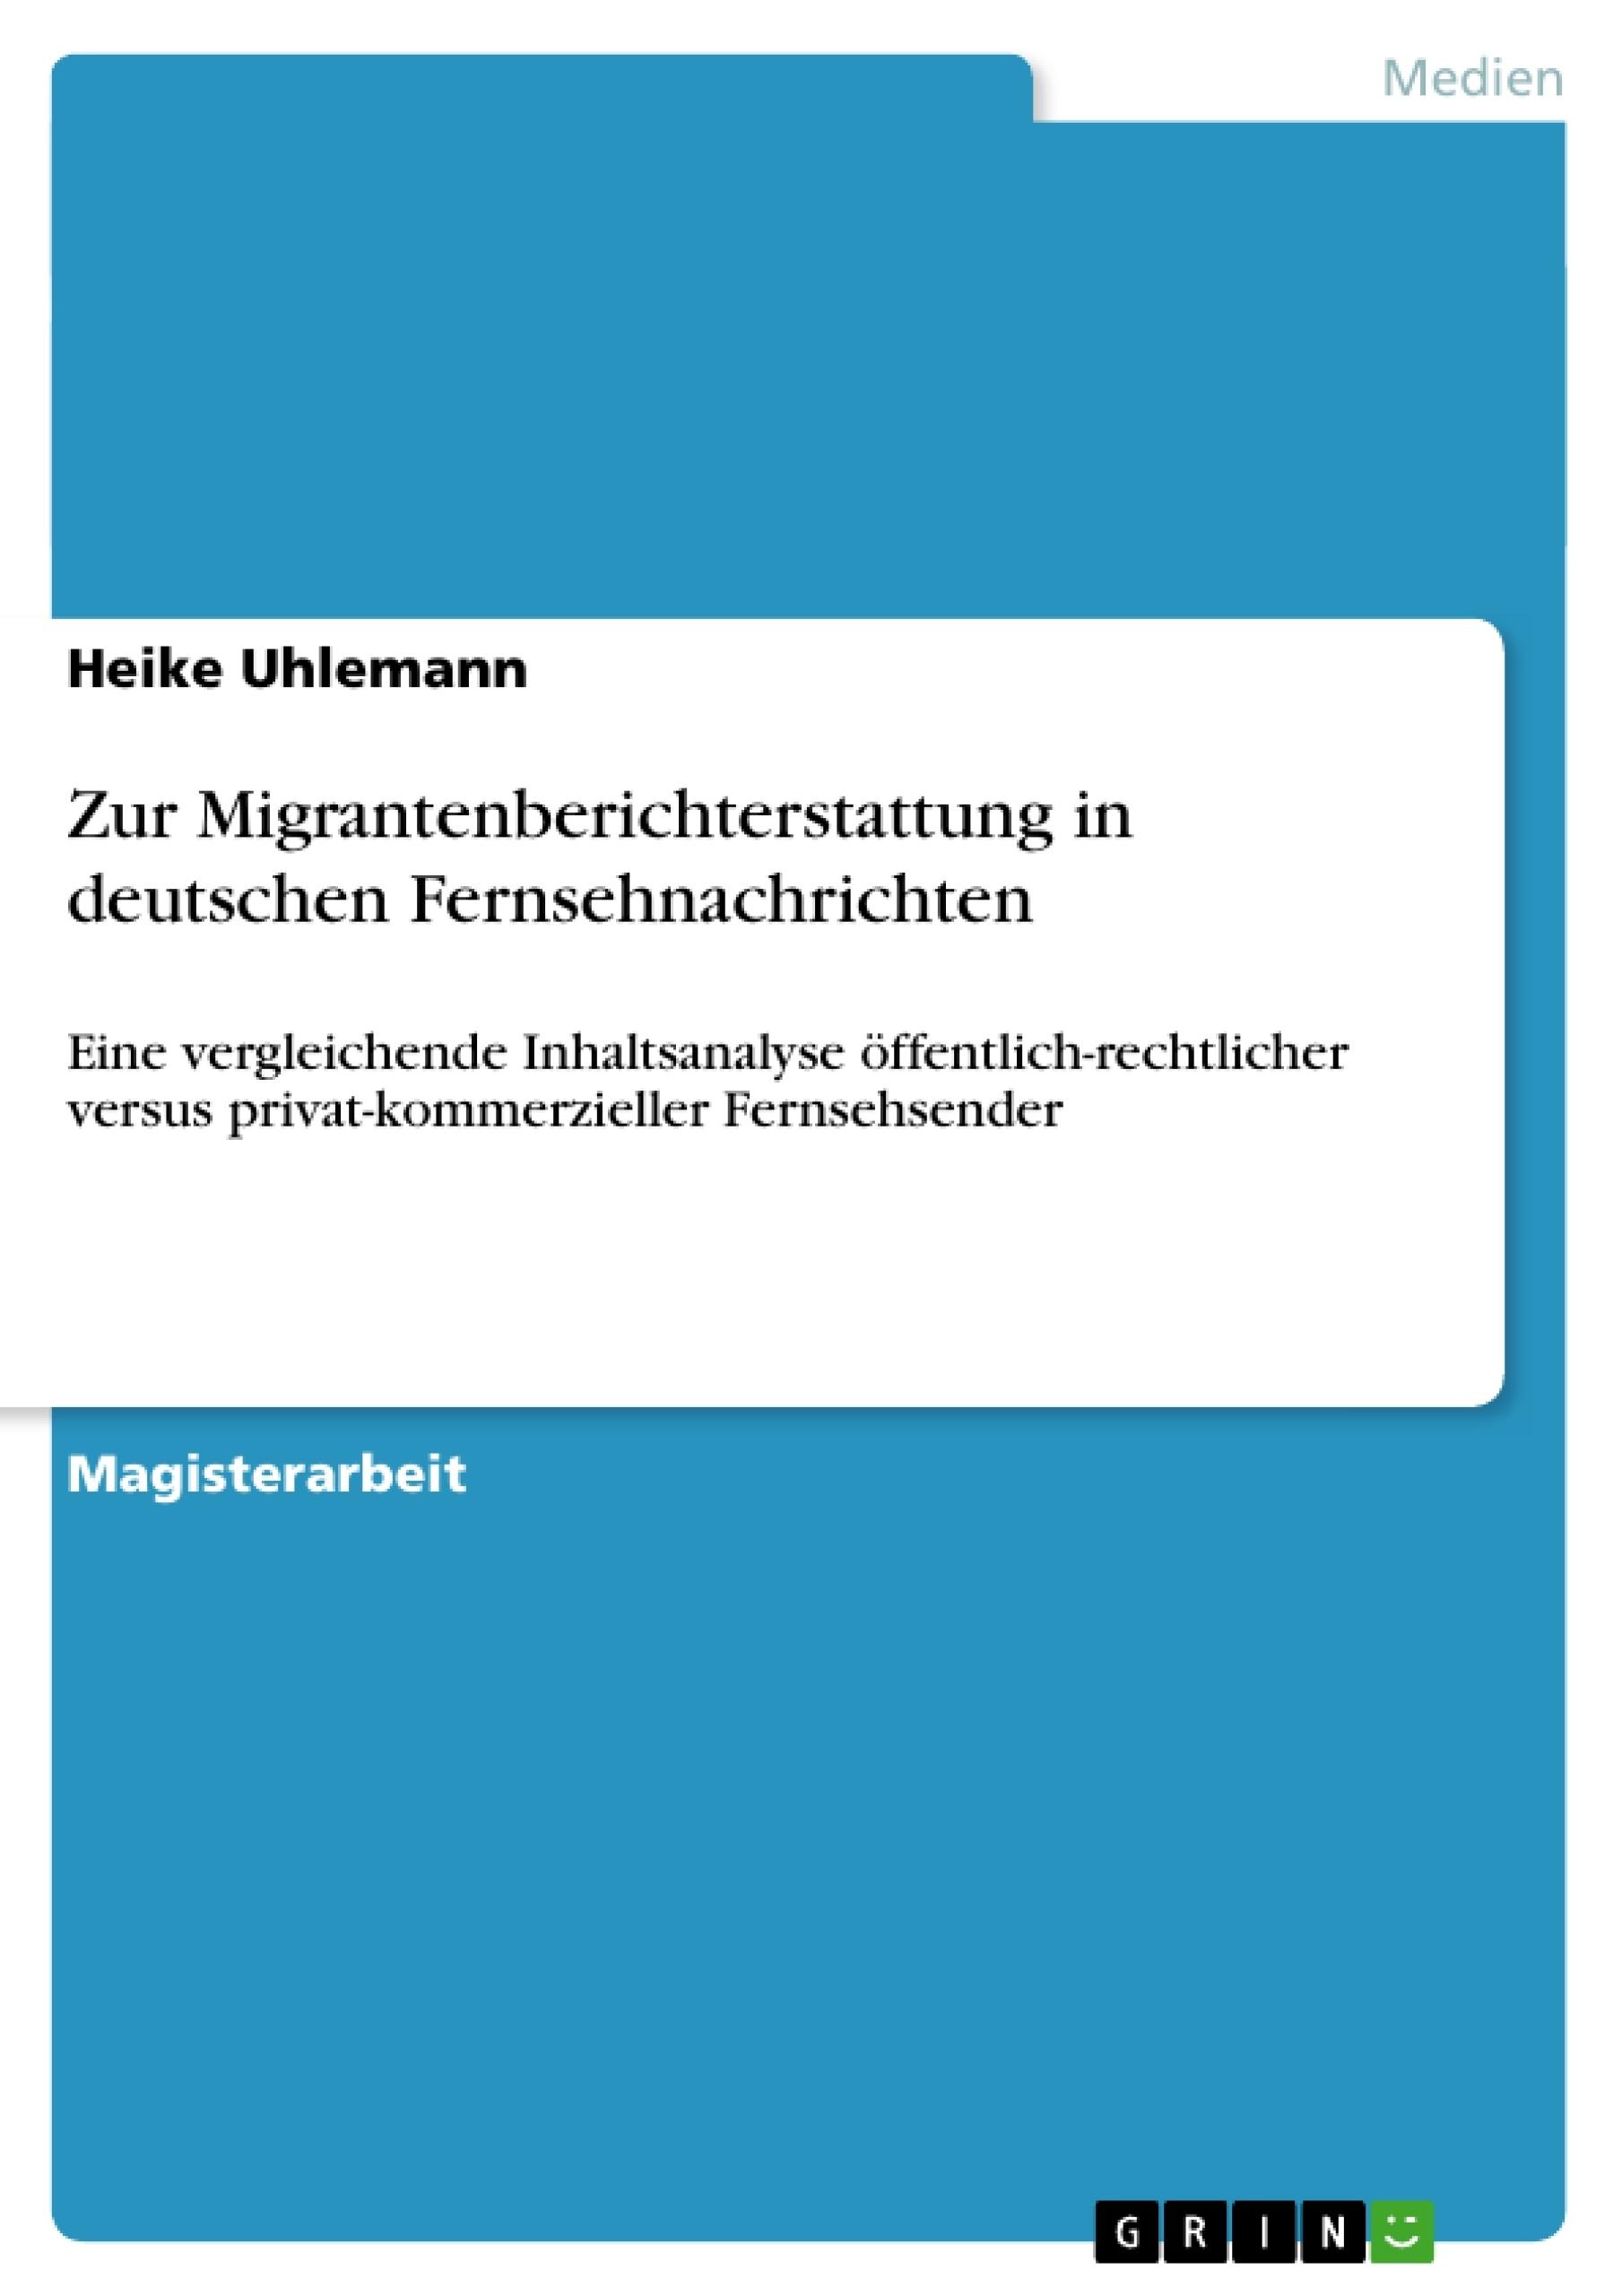 Titel: Zur Migrantenberichterstattung in deutschen Fernsehnachrichten